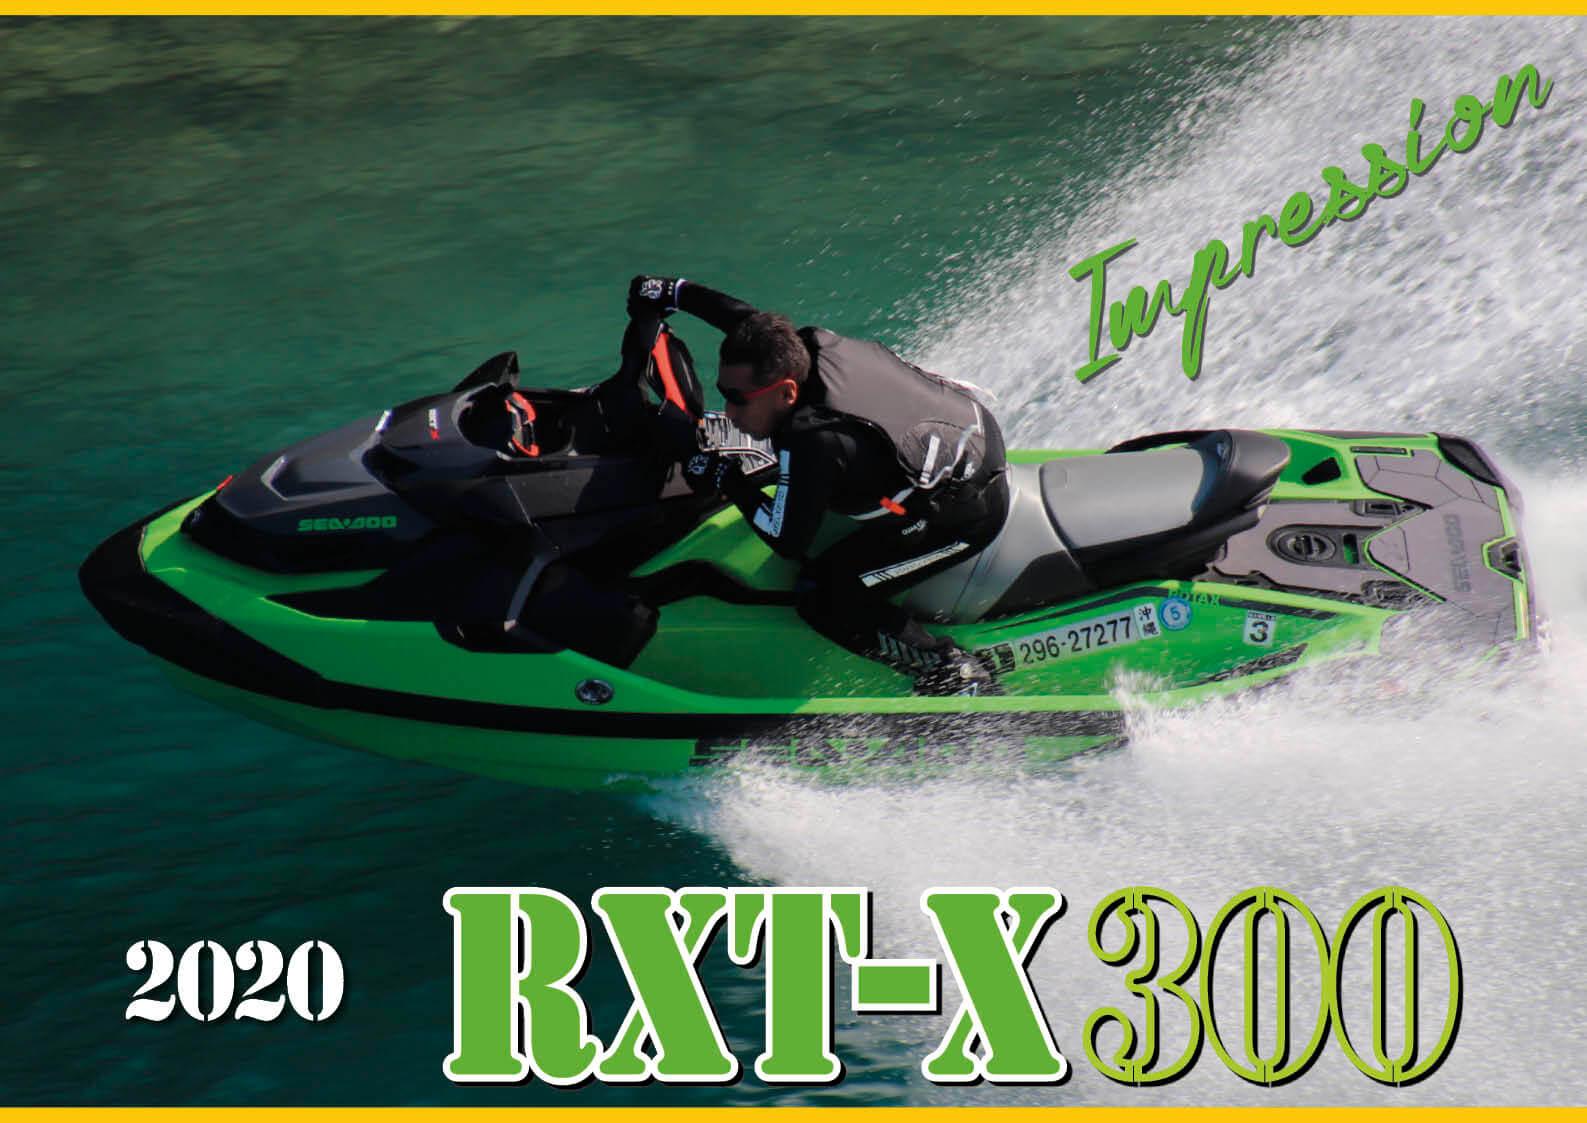 トータル的な完成度が素晴らしい 2020 SEA-DOO(シードゥ)「RXT-X 300」試乗インプレッション